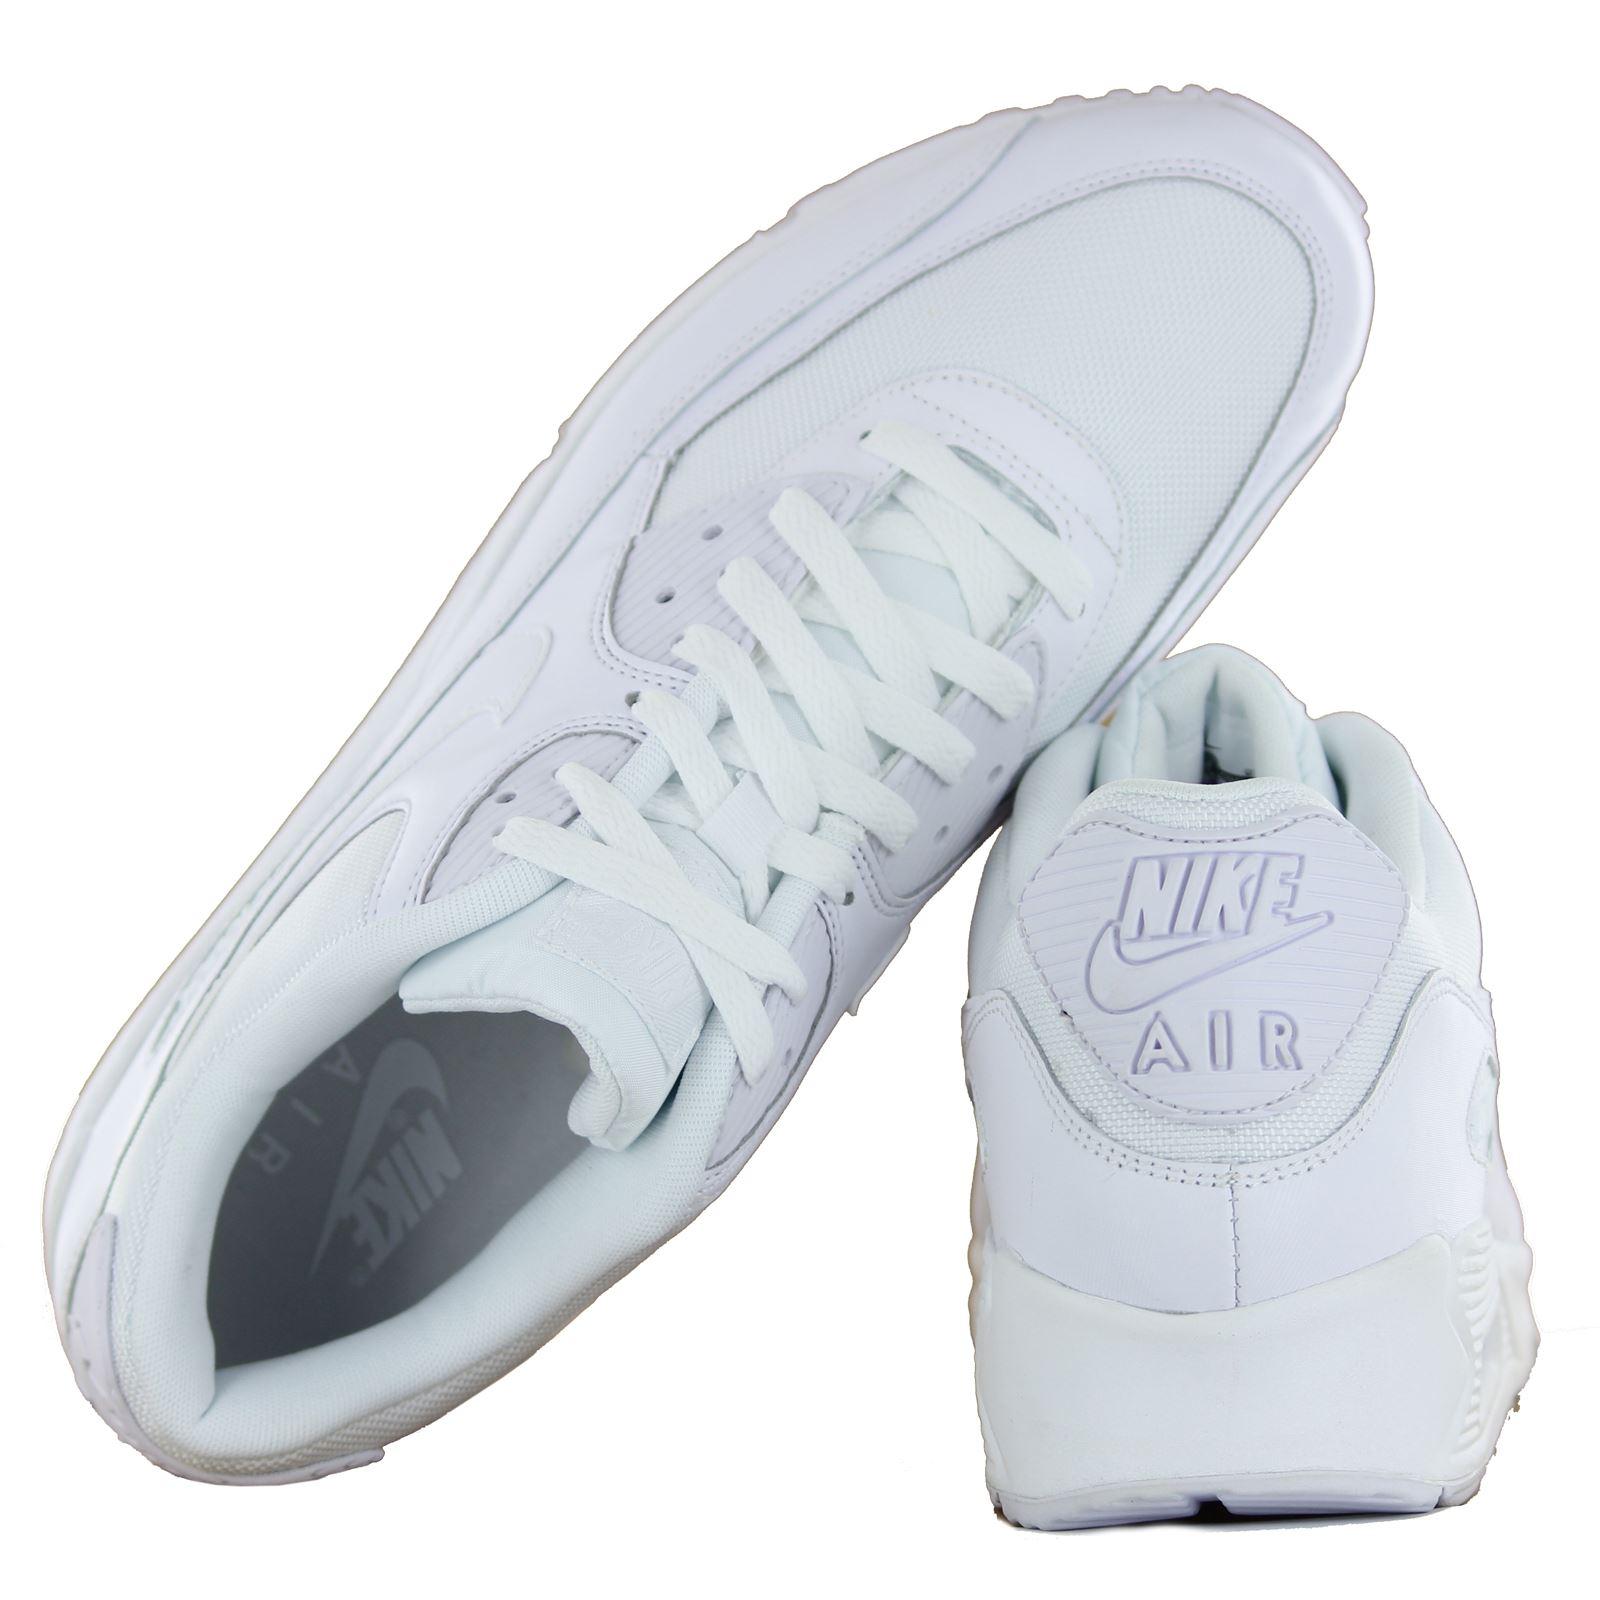 Nike Air Max 90 Cuero Blanco Sitio Oficial De Ebay QIaCeju